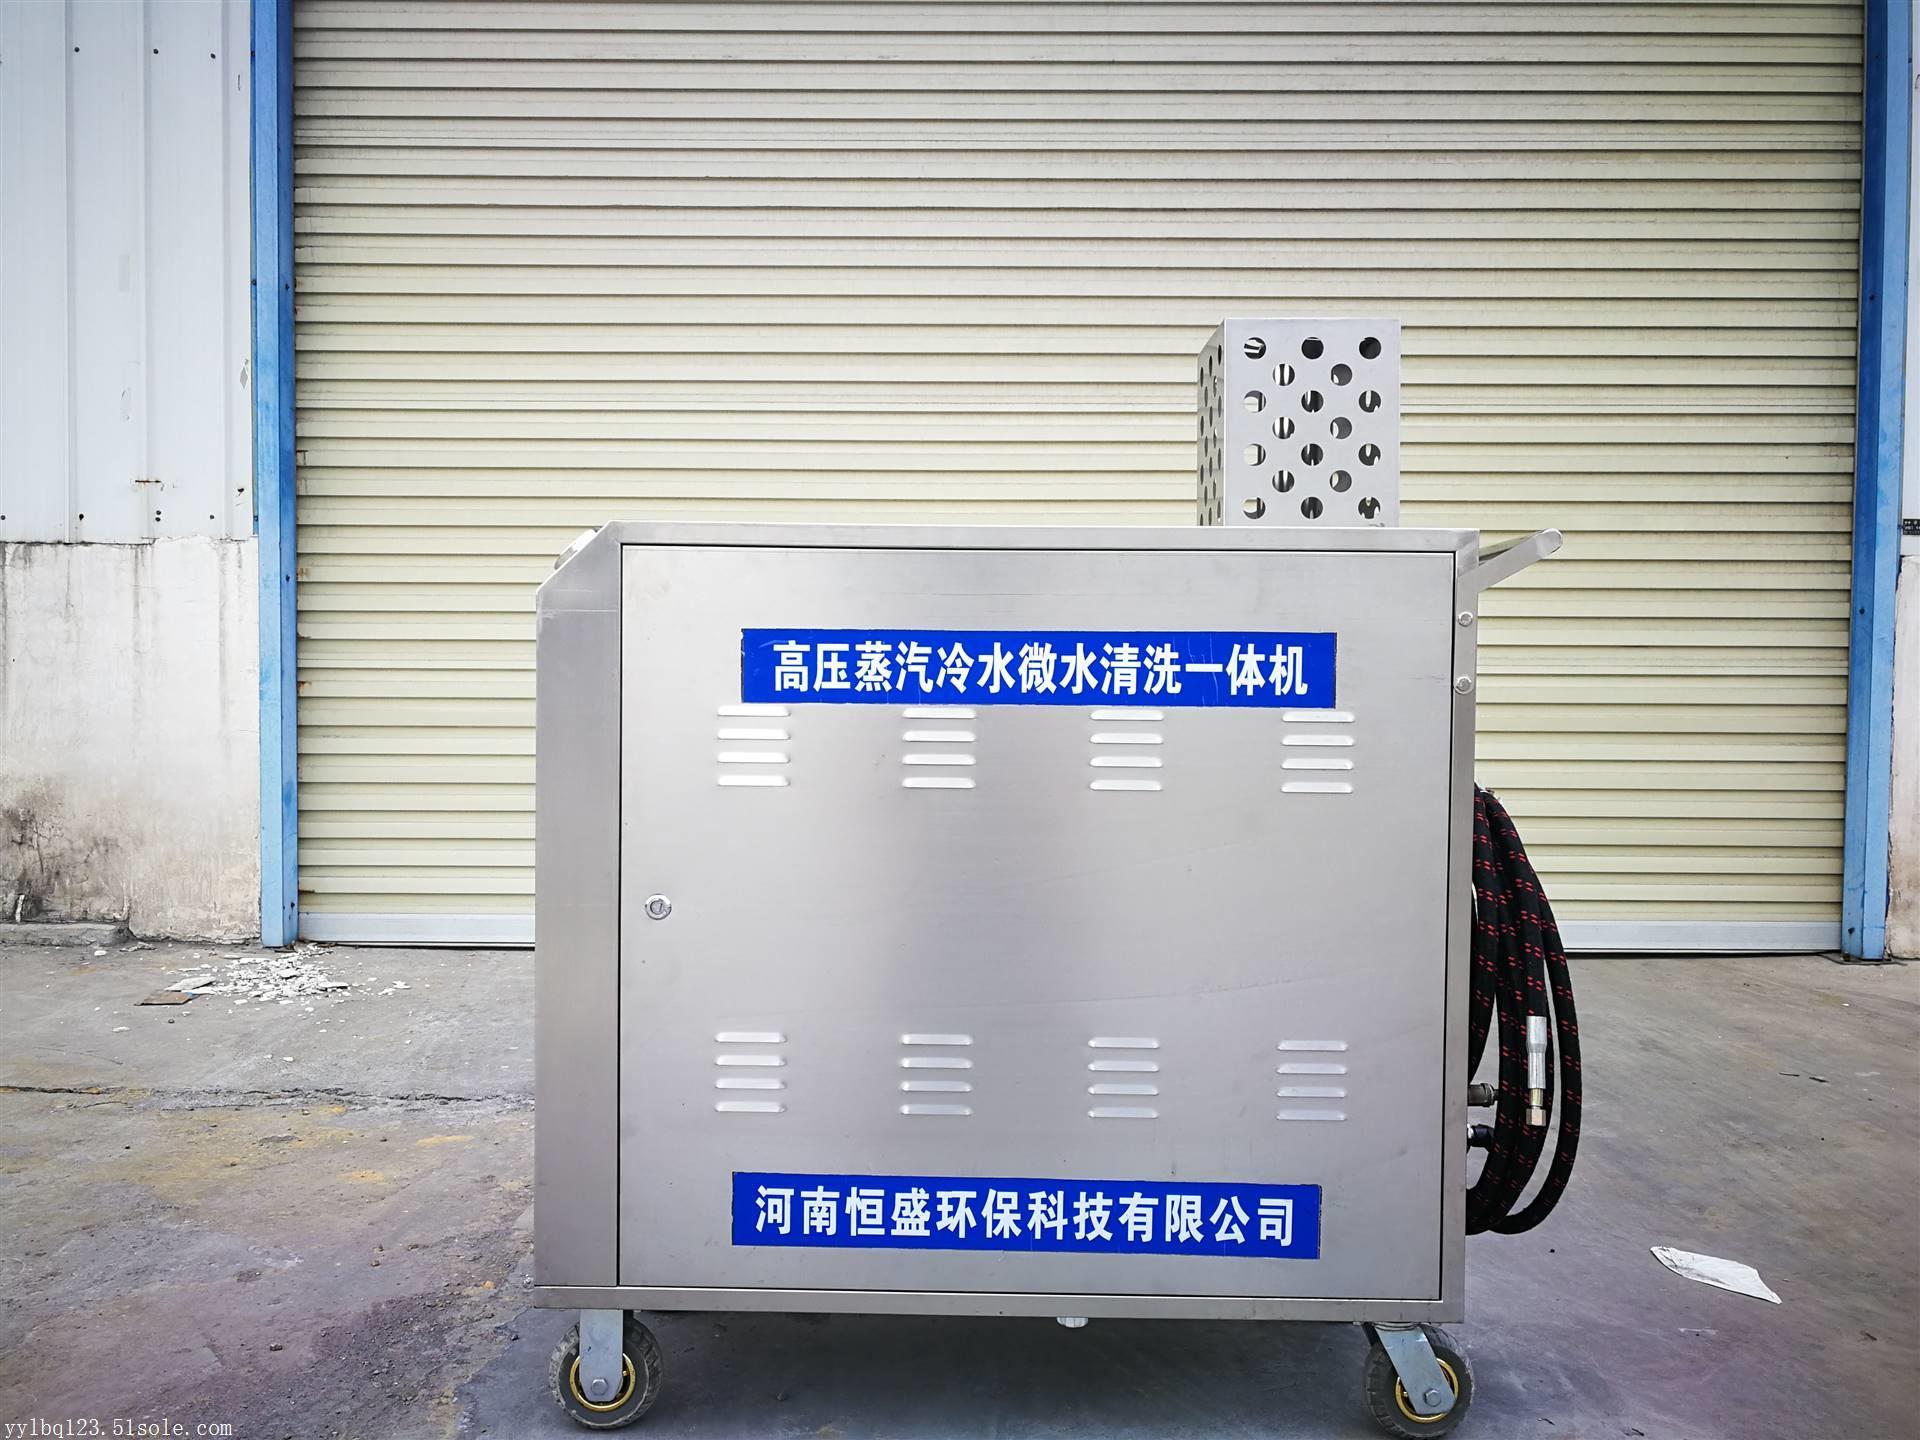 燃氣式蒸汽洗車機還需要用電嗎